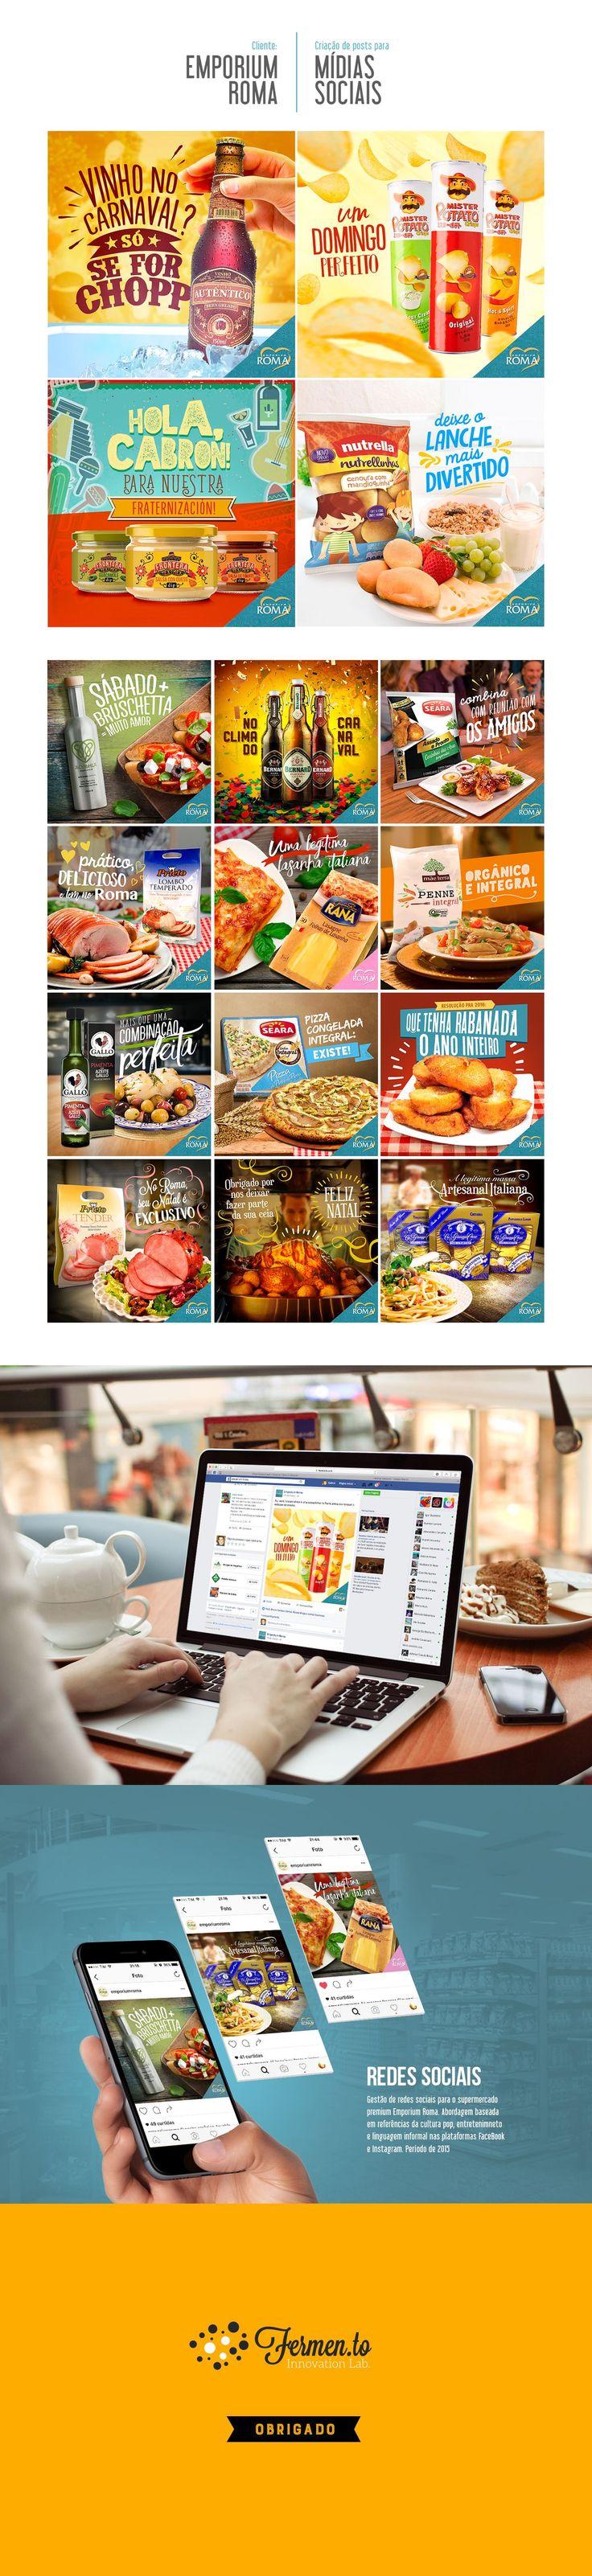 Showcase and discover creative work on the world's leading online platform for creative industries. Clique aqui http://www.estrategiadigital.pt/e-book-ferramentas-de-redes-sociais/ e faça agora mesmo Download do nosso E-Book Gratuito sobre FERRAMENTAS DE REDES SOCIAIS